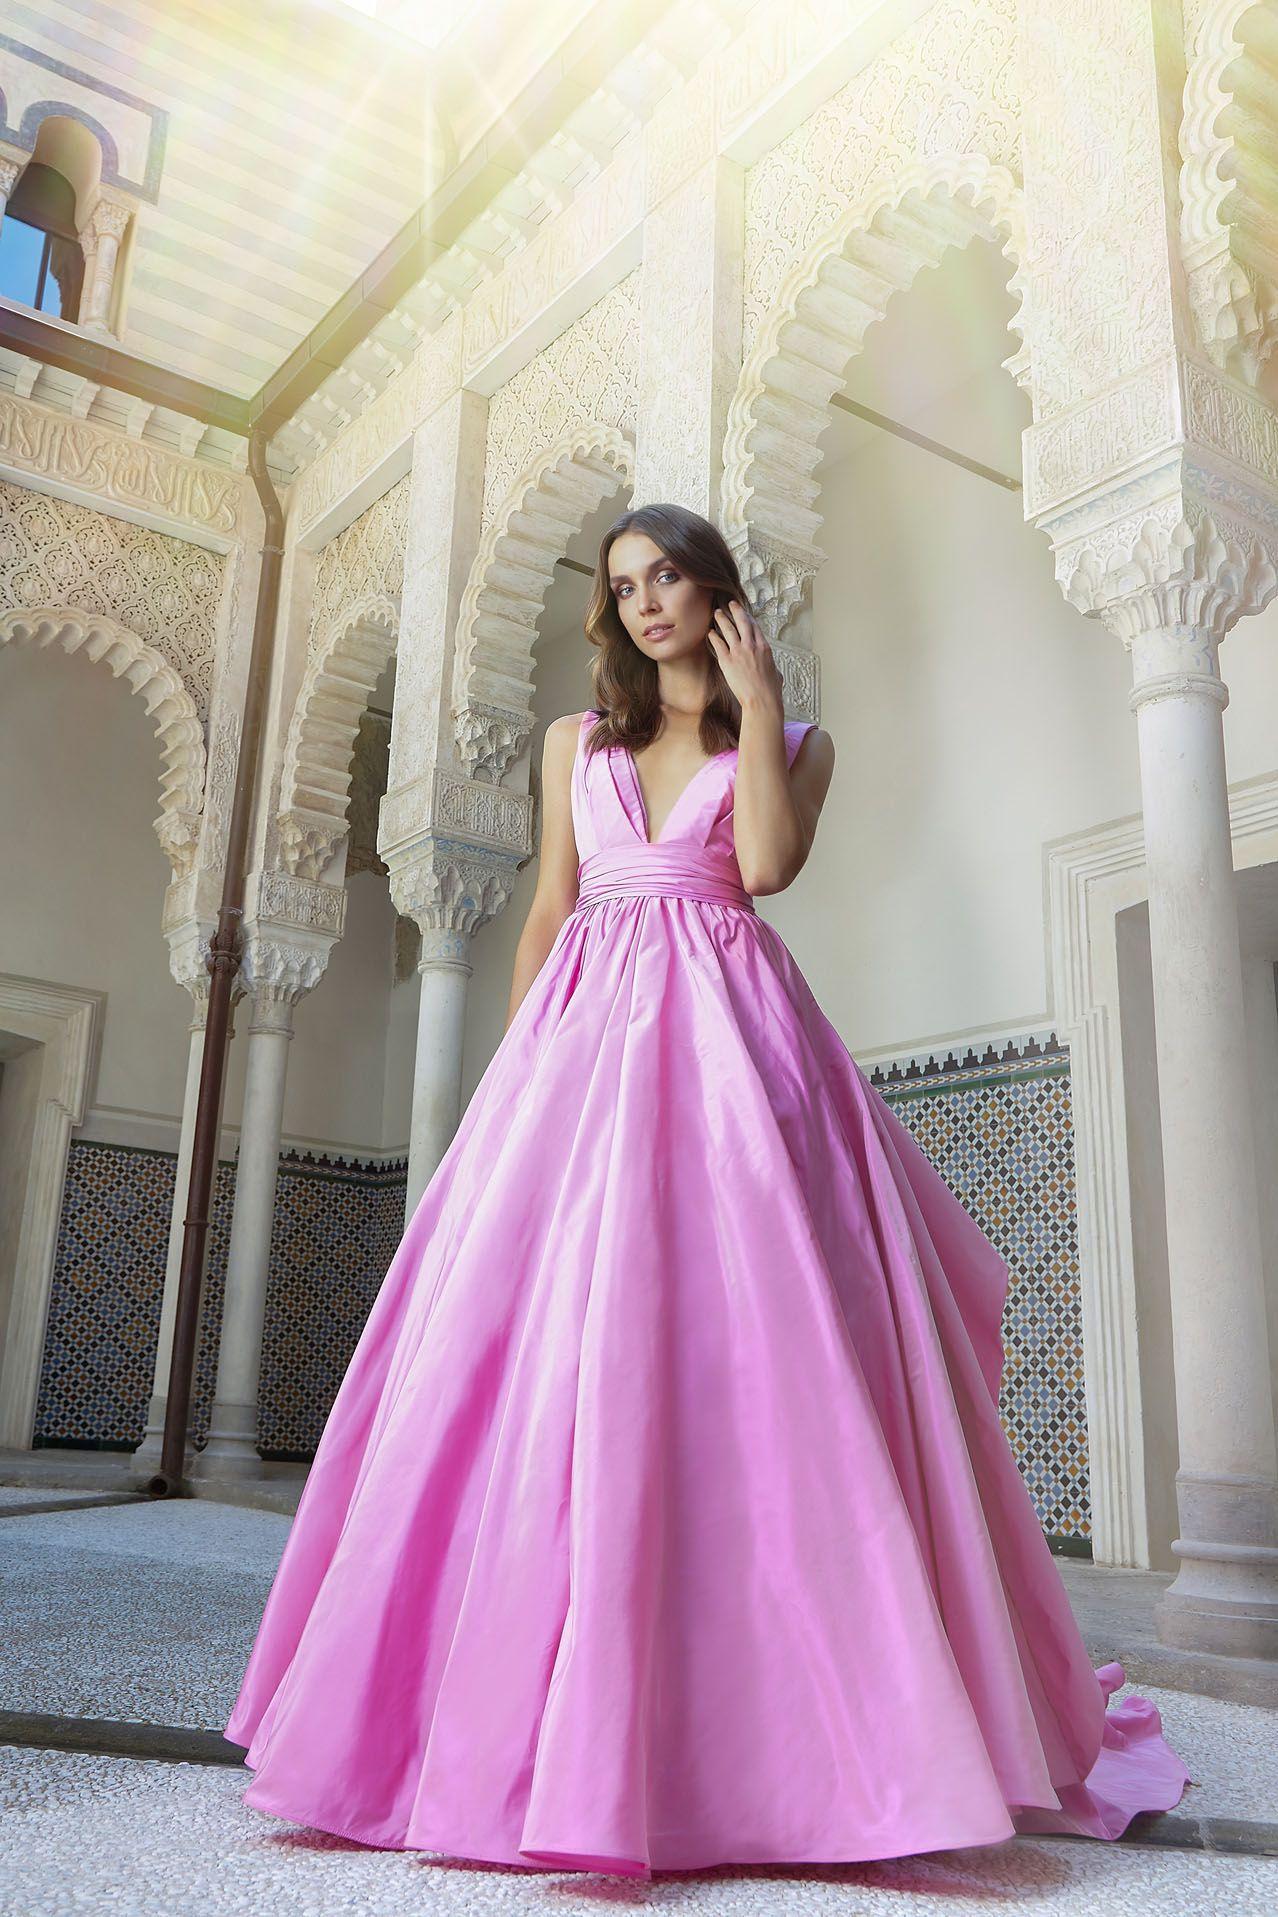 MODELLO LV 0618 Splendido abito da sposa in taffetà di seta pura con scollo  a V ba4f26b7539